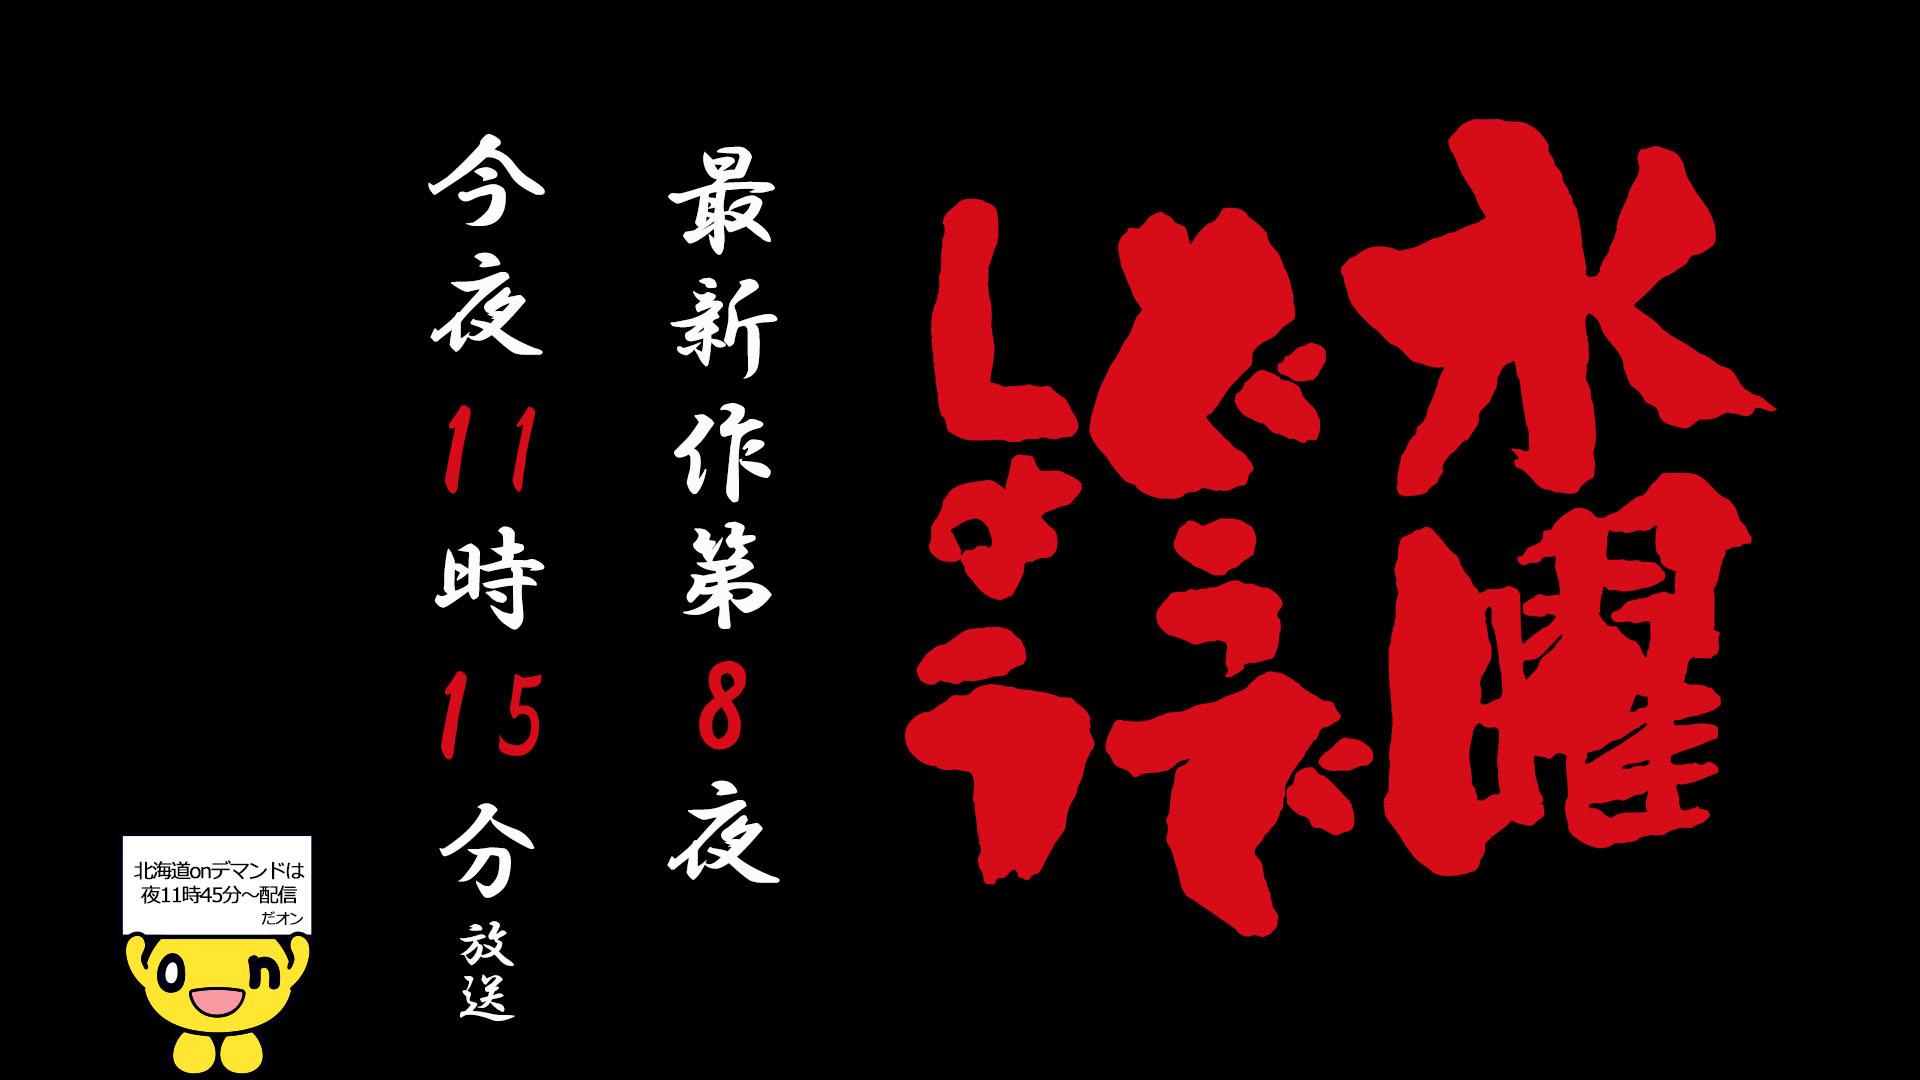 Onちゃん On Twitter 北海道では今夜 水曜どうでしょう 最新作第8